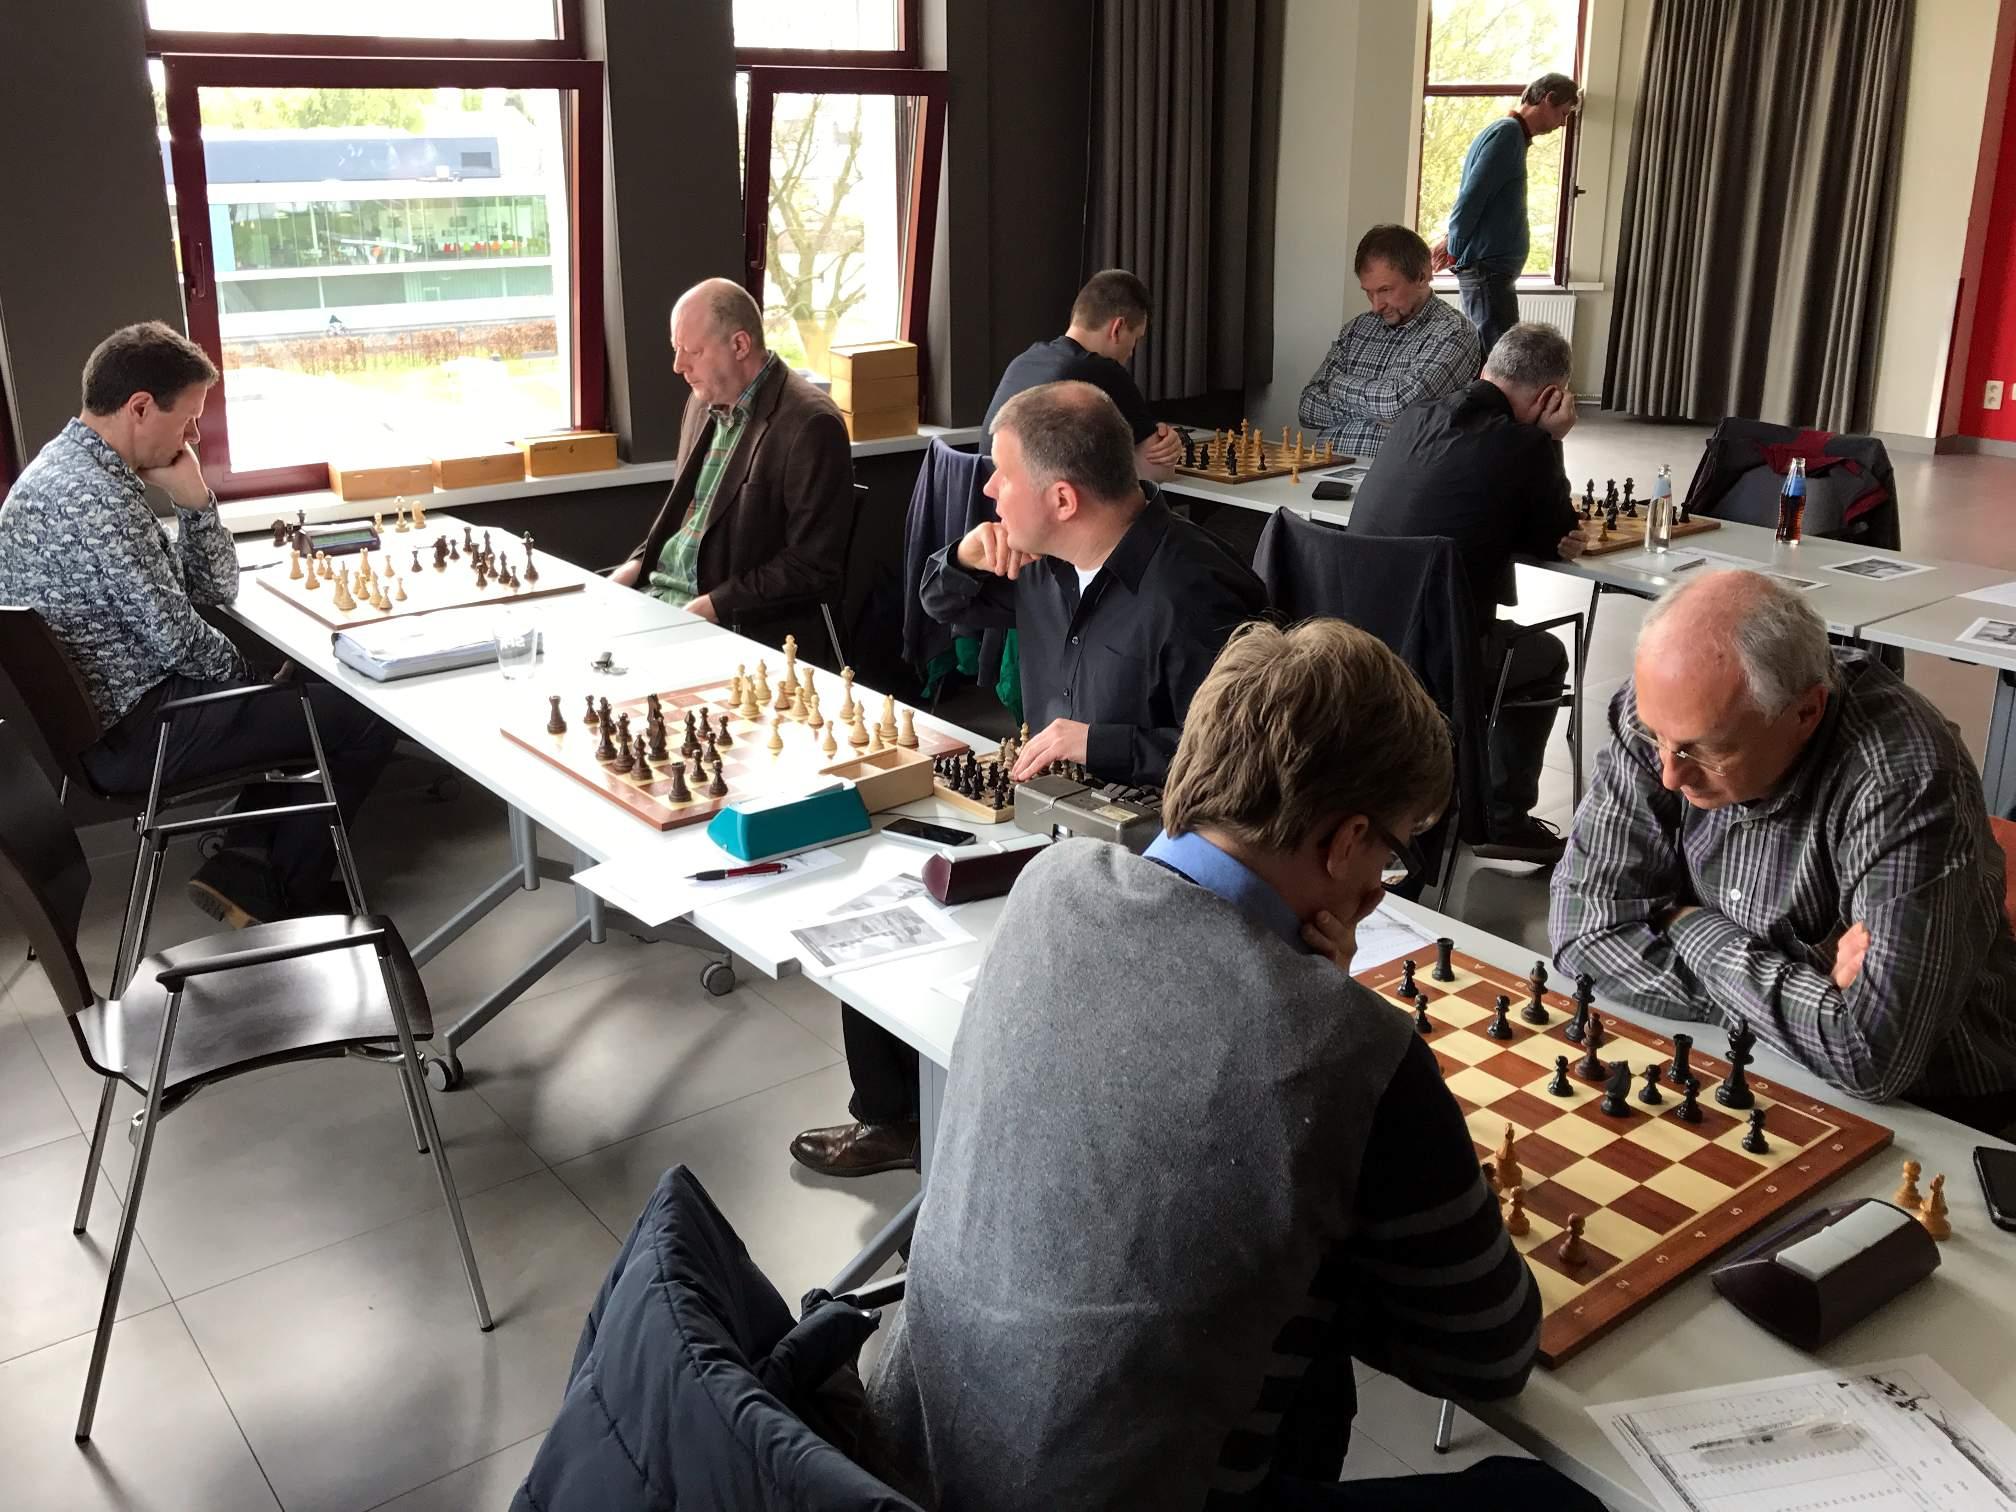 foto Serge, Geert en Geert met op de achtergrond Frank